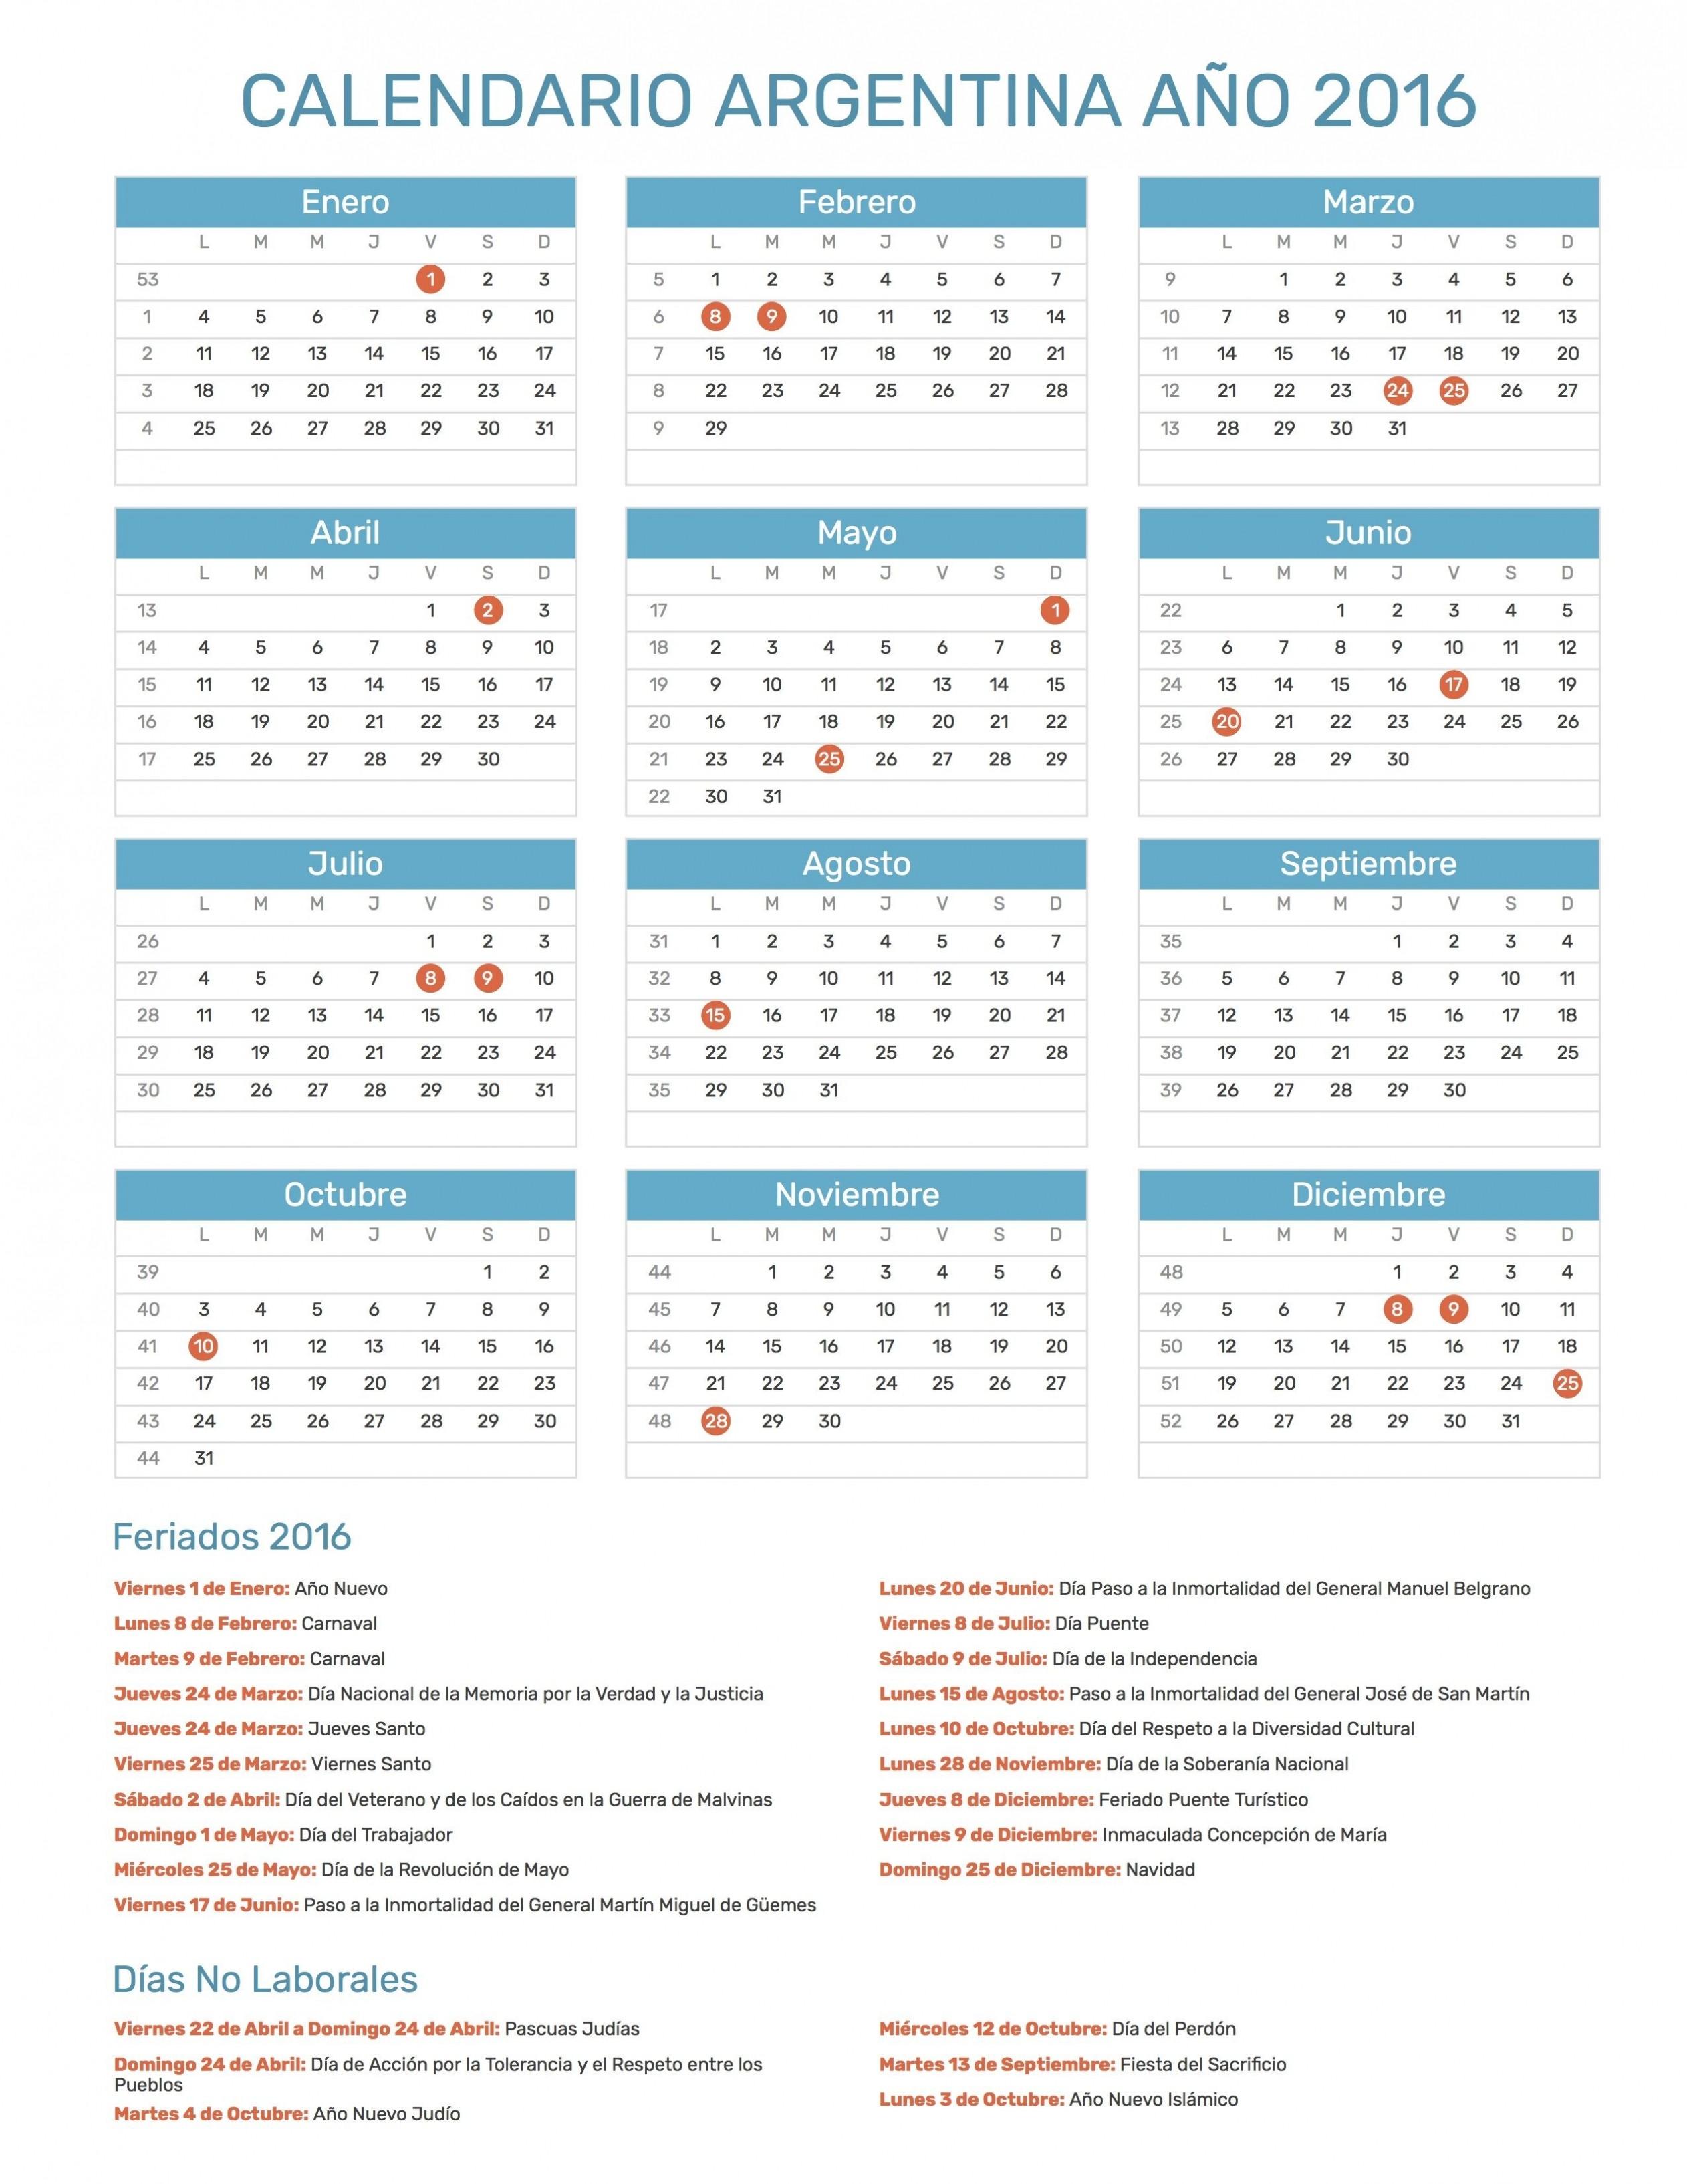 Calendario 2019 De Argentina Con Feriados Mejores Y Más Novedosos Index 2016 06 Festivos Sevilla 2016 — Blendiberia Of Calendario 2019 De Argentina Con Feriados Más Recientes Calendario Diciembre De 2019 53ld Calendario T